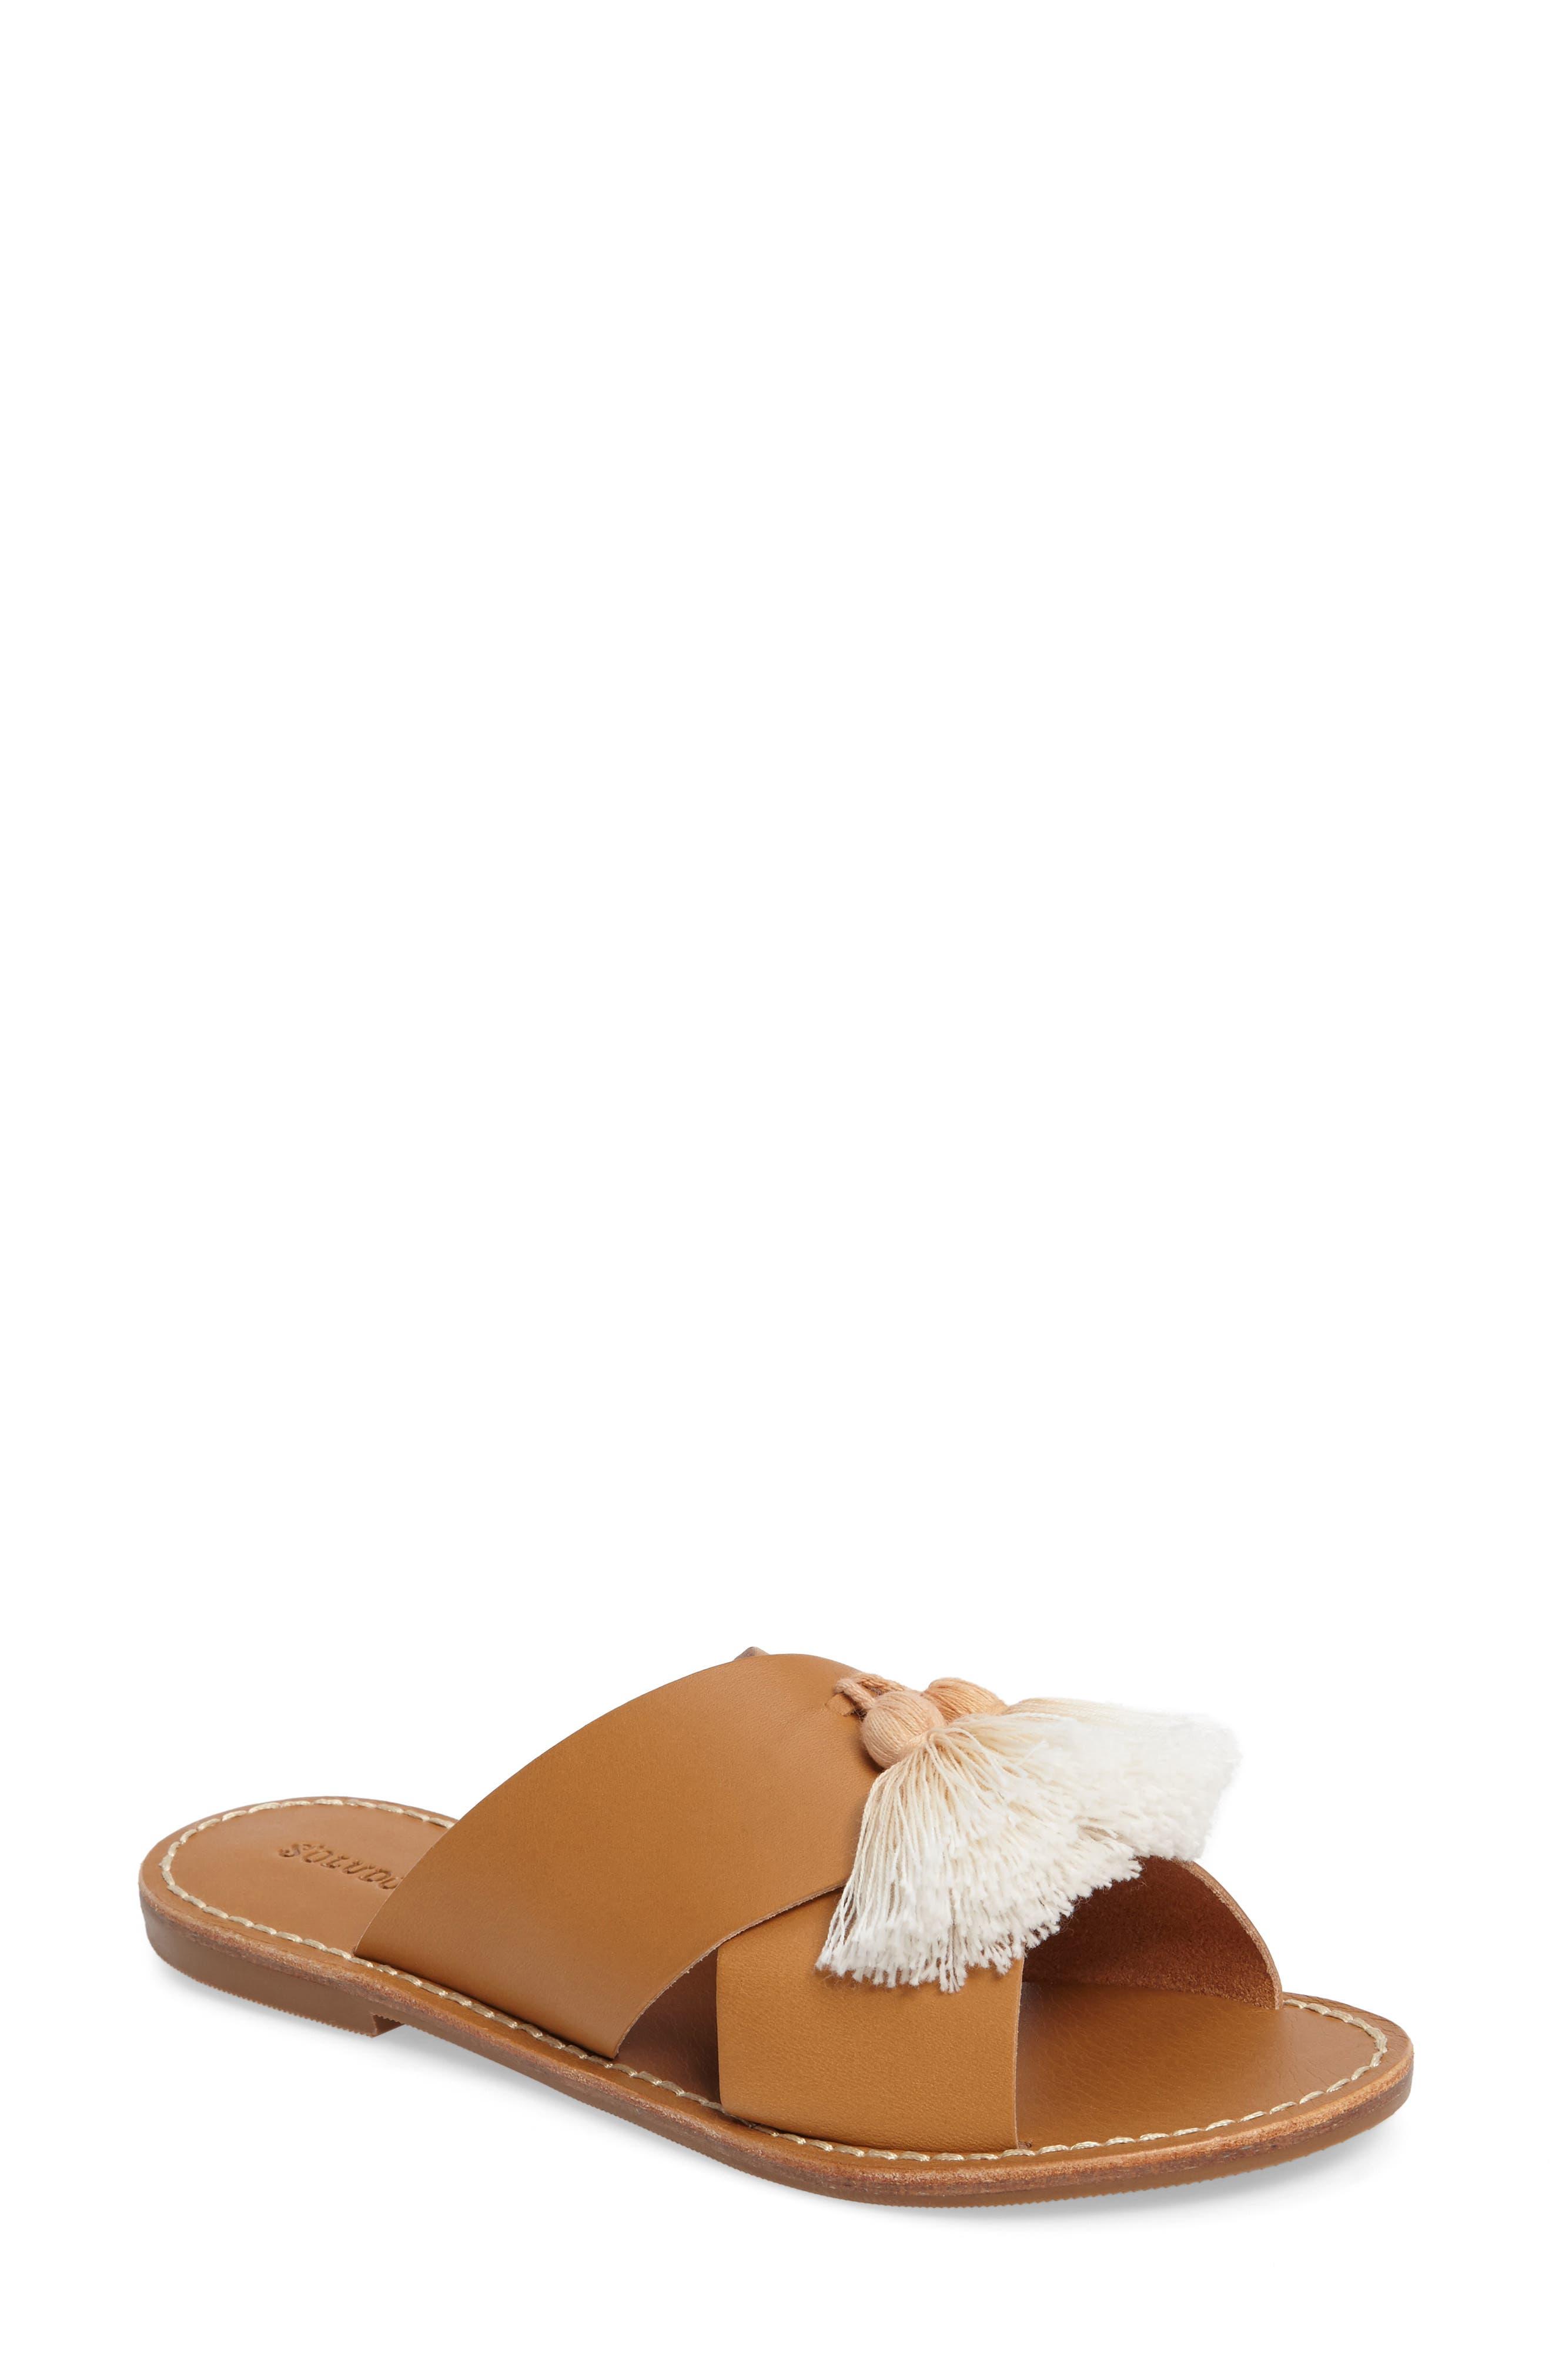 Tassel Slide Sandal,                         Main,                         color, Brown Leather